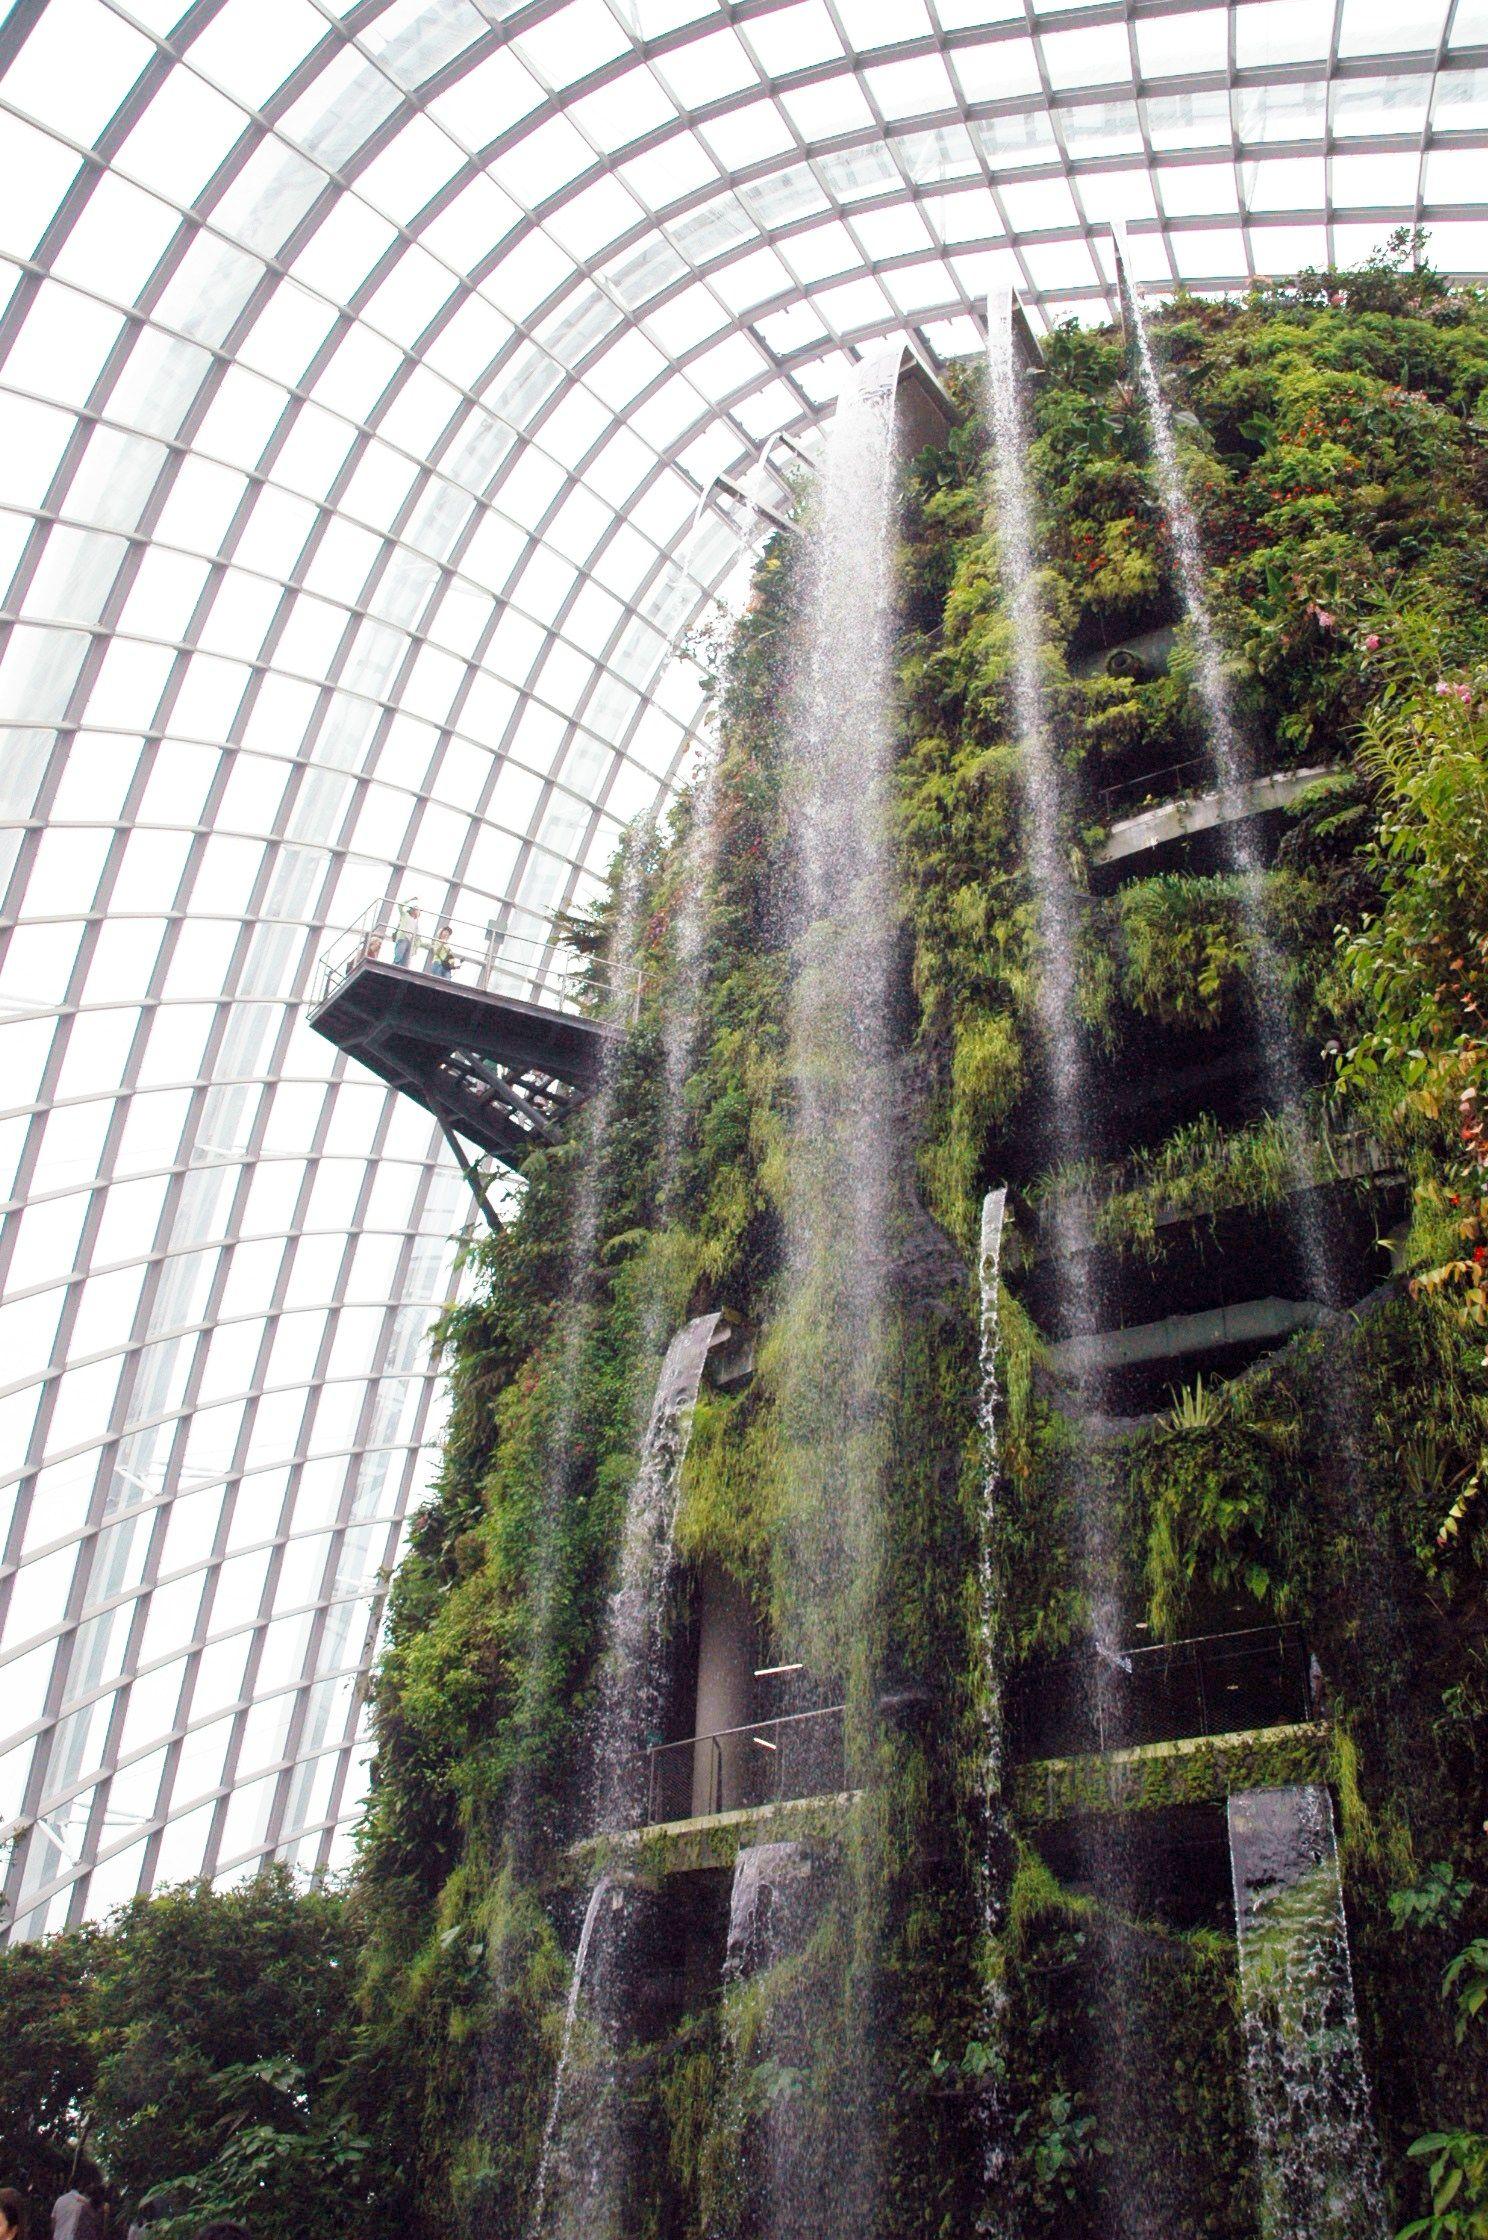 ddd9930c7fbd539f623b5b301cd39219 - Gardens By The Bay Cloud Forest Dome